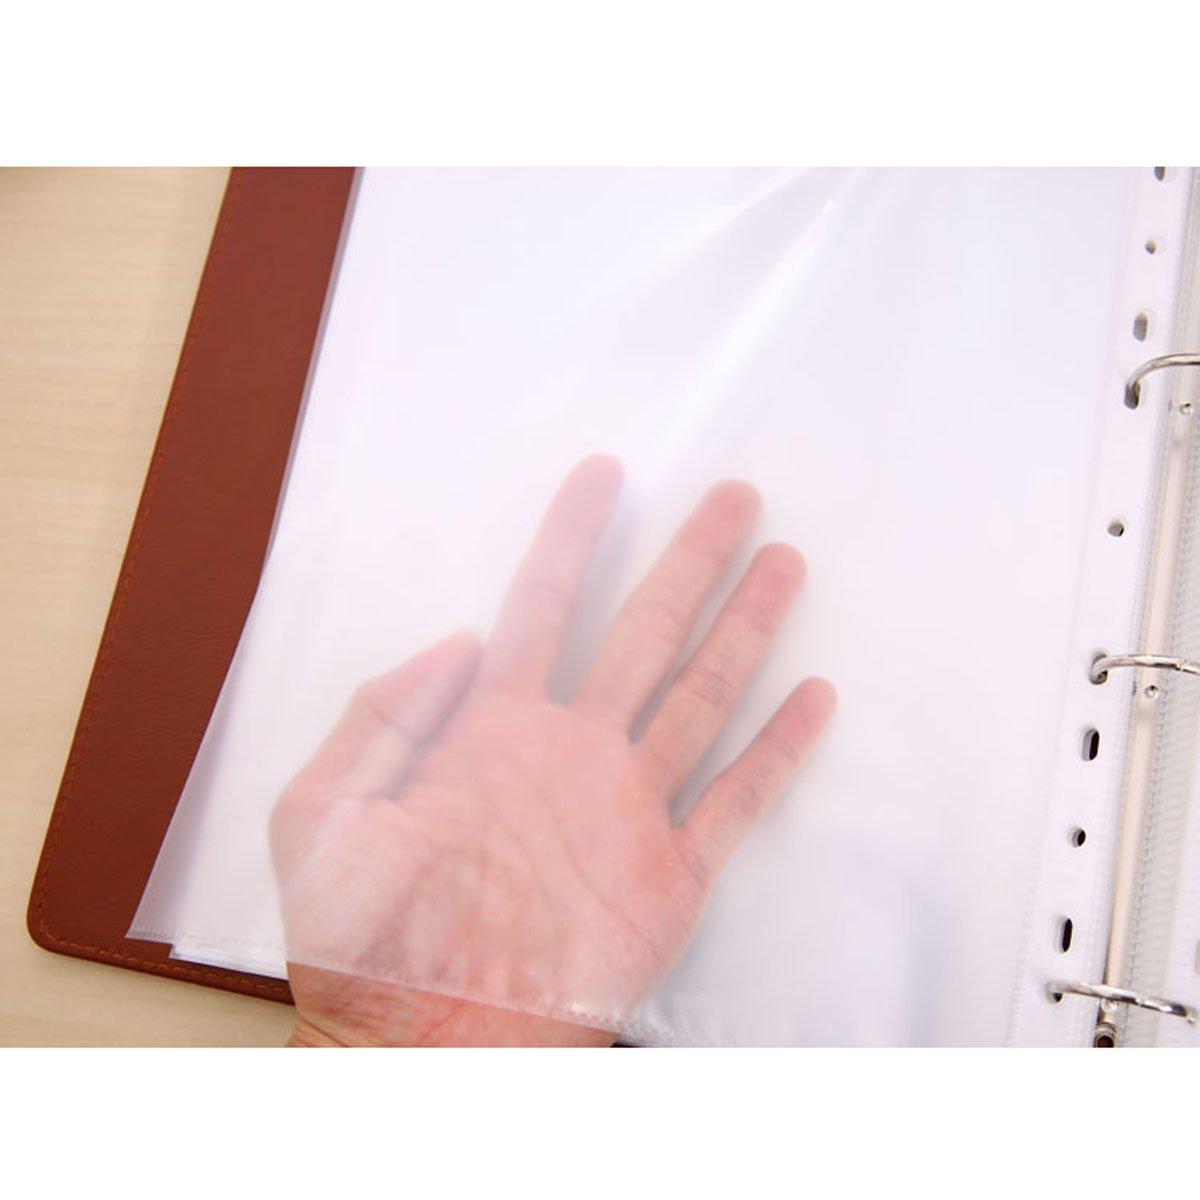 Visualizza Libro A4 Informazioni Professionali Espansione Cartelle Cartelle Cartelle Di File Materiale Cartella Di File Cartella Di Progetto Organizza I File Per La Presentazione Di Una Presentazione Di Spartiti,Marronee-80Pockets | Up-to-date Stile  | Fine Anno Vendita S 54342f